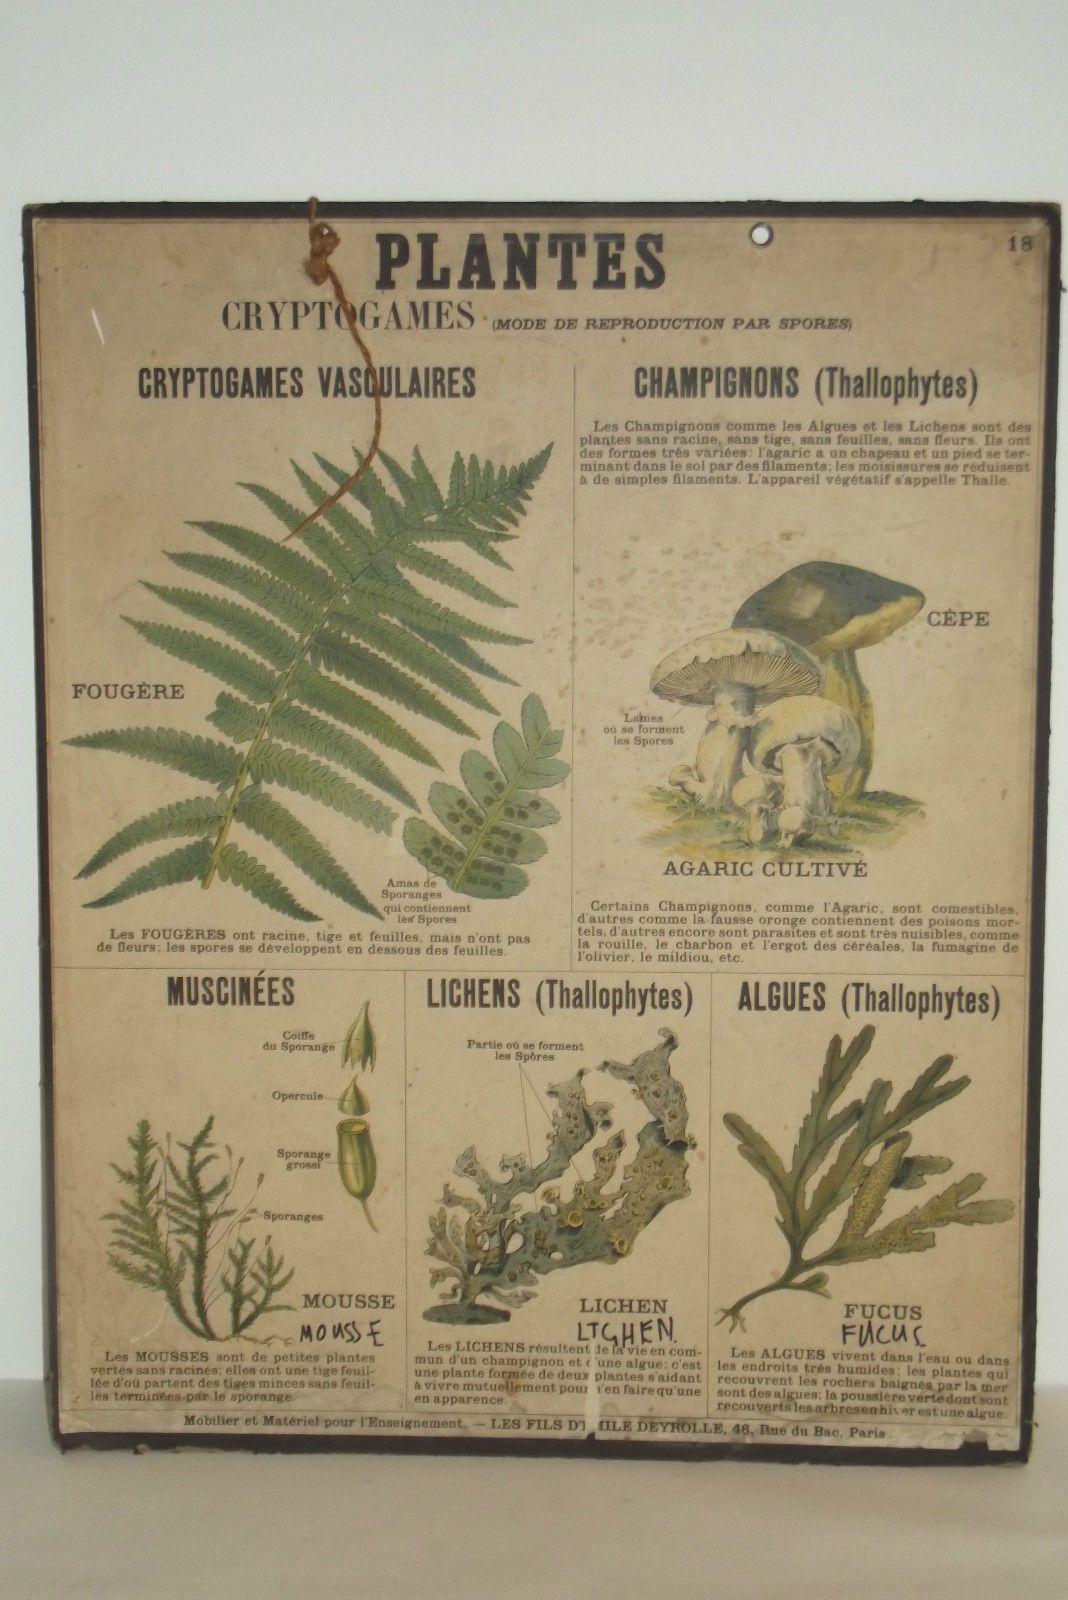 09a37 ancienne affiche scolaire deyrolle planche ecole n 18 sciences naturelles herbariumania. Black Bedroom Furniture Sets. Home Design Ideas